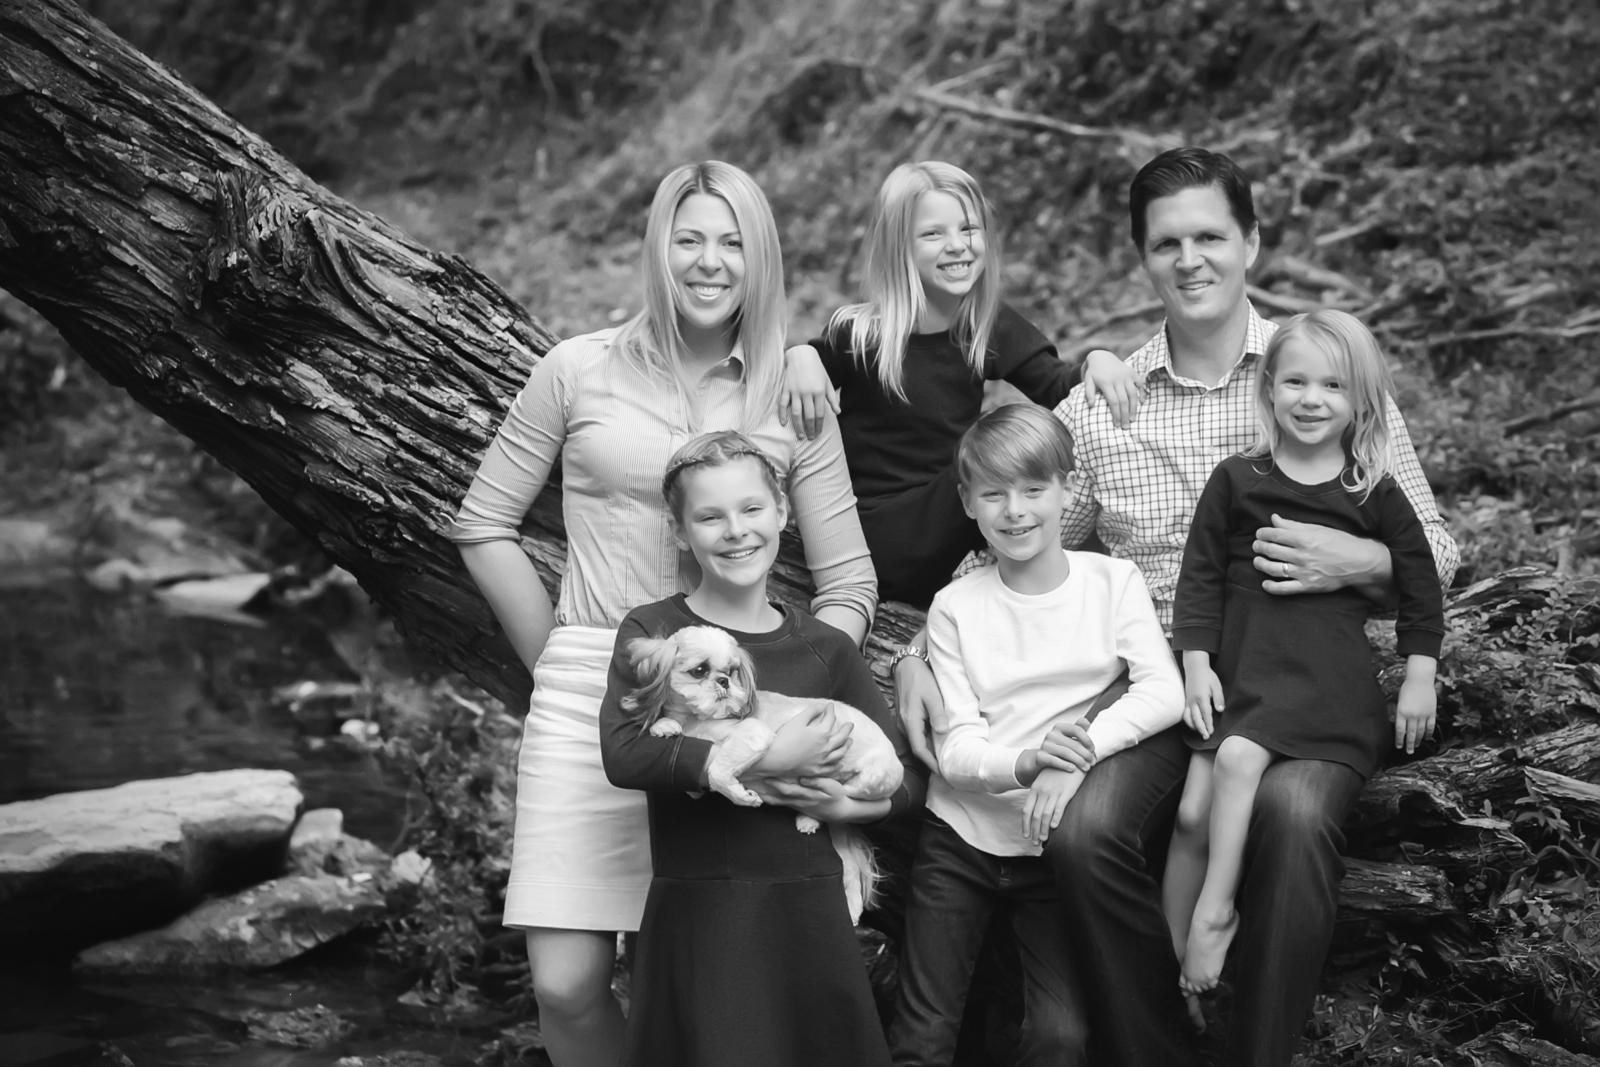 family-outdoors-light-portraits-134.JPG